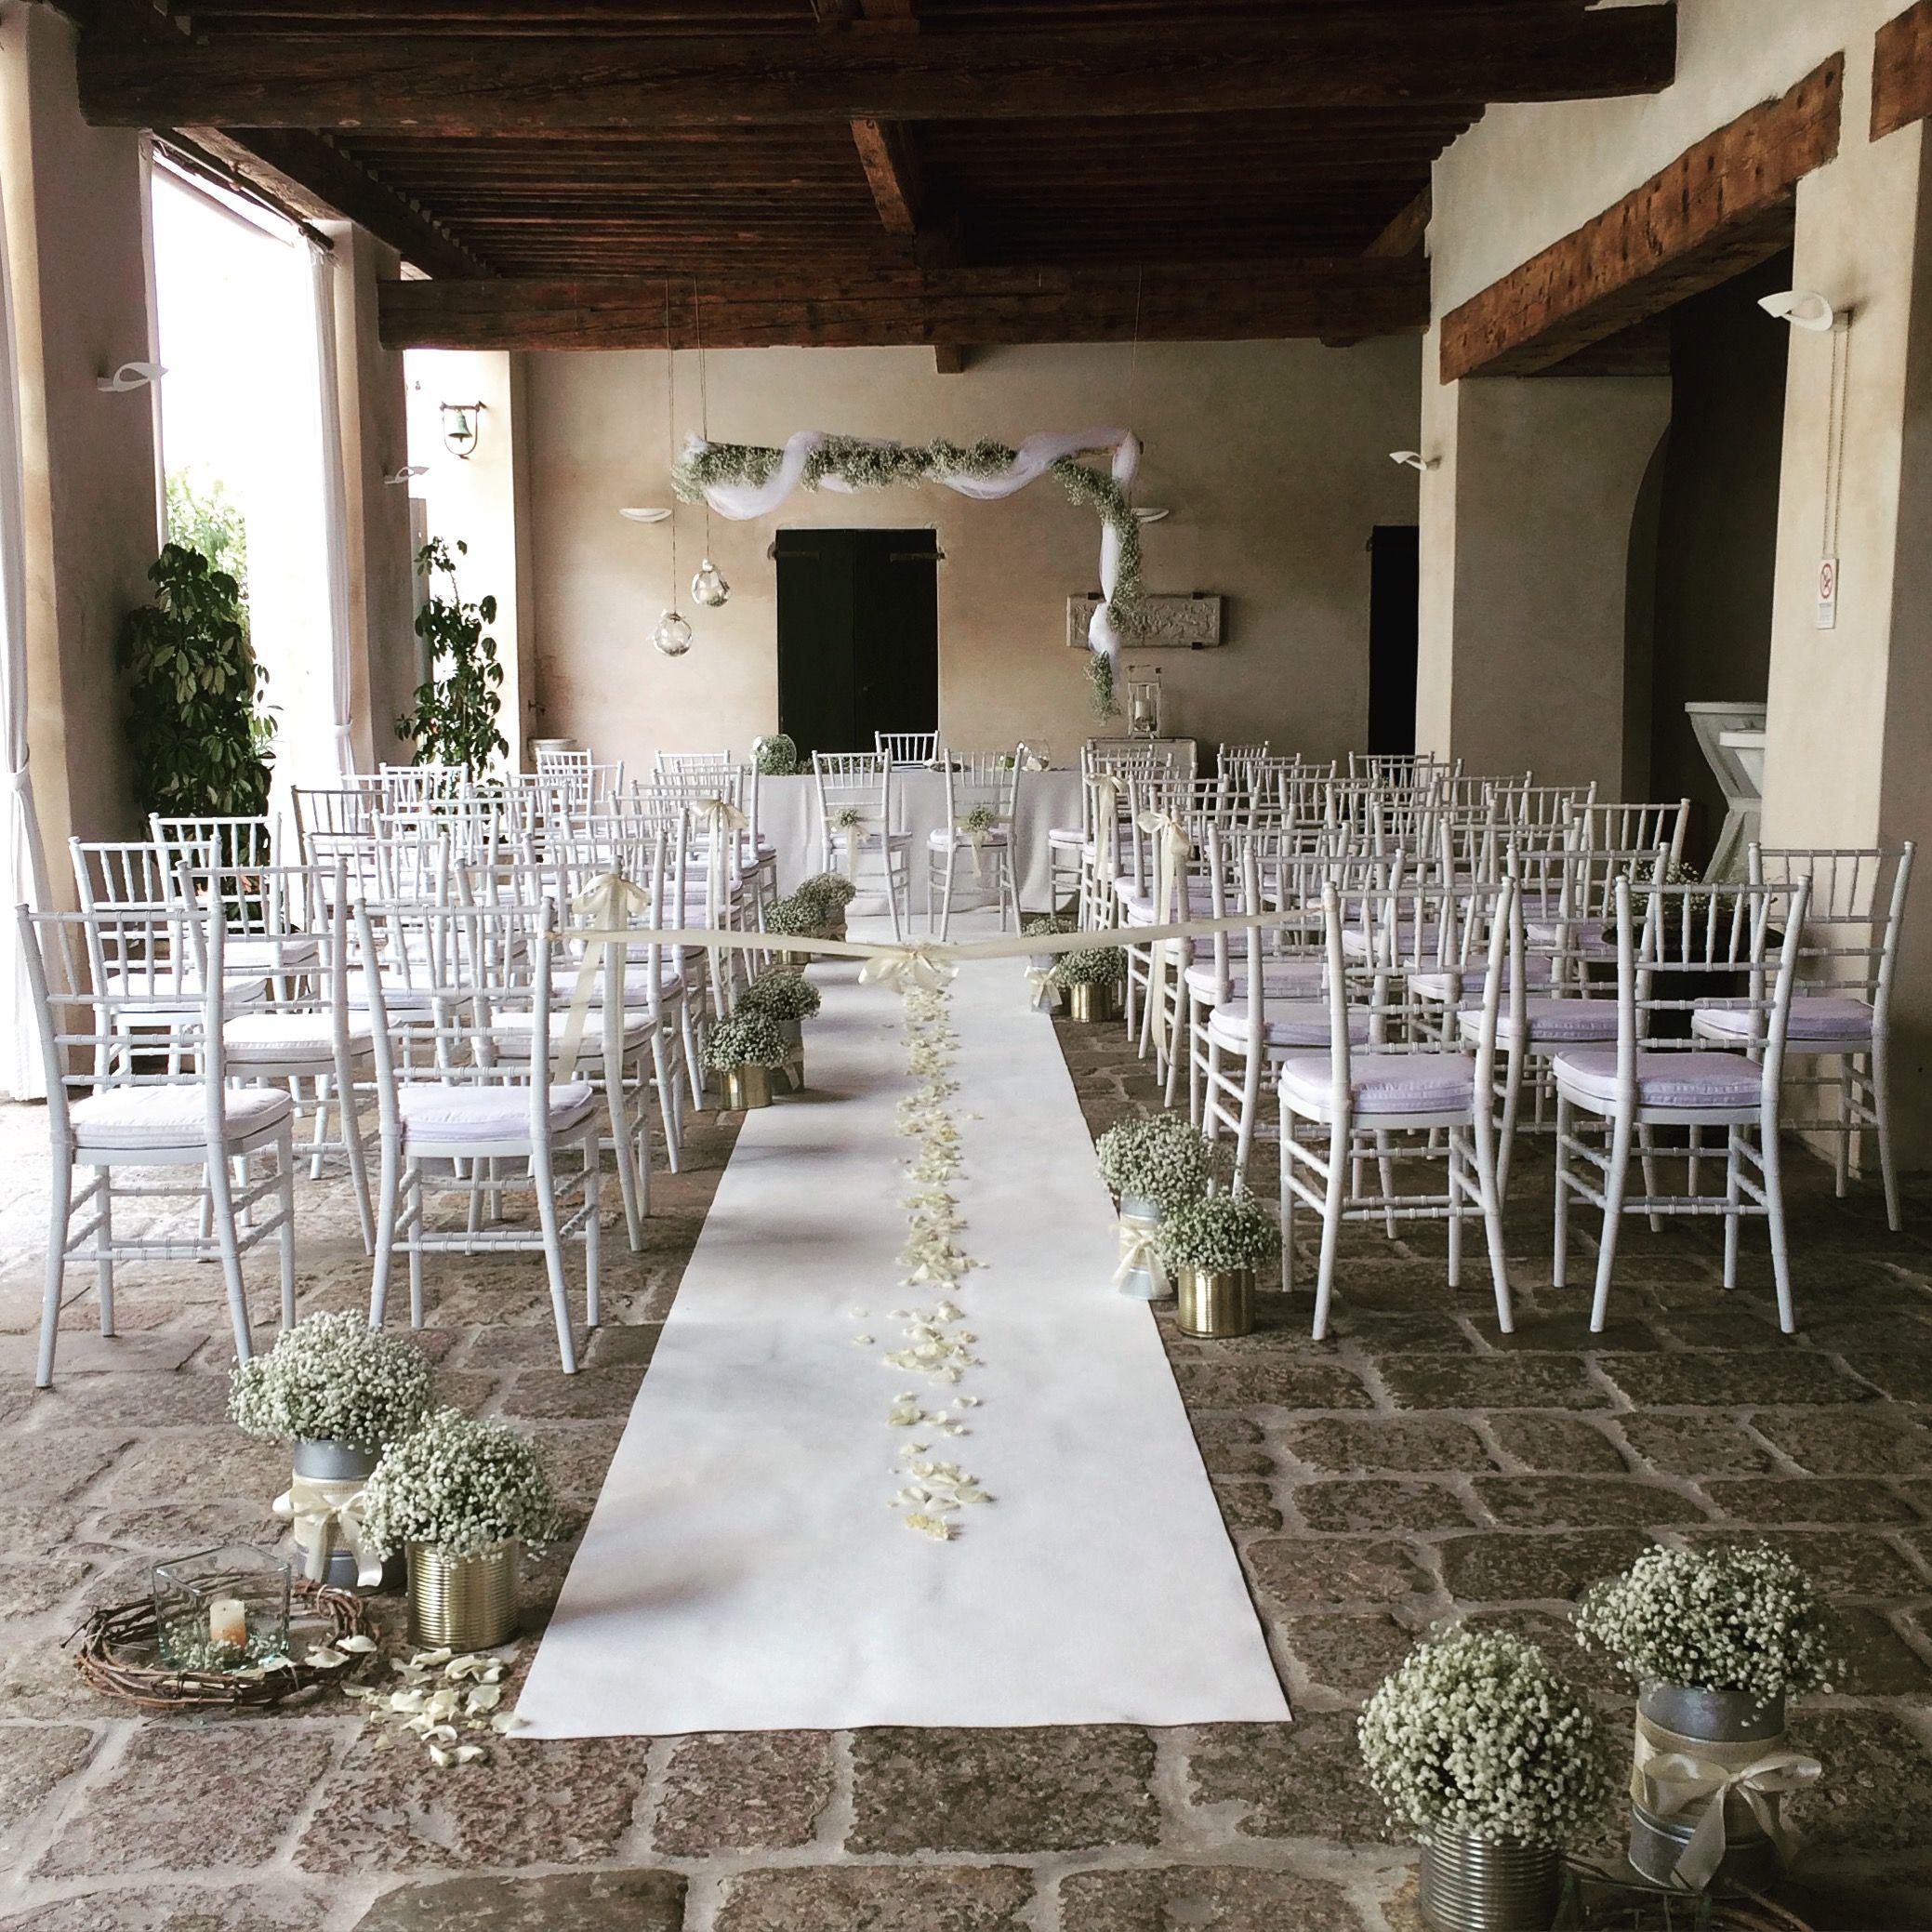 Cerimonia Civile Villa Correr Agazzi - matrimonio Erbe Aromatiche e Gypsophila // wedding planner e designer: Un Giorno su Misura